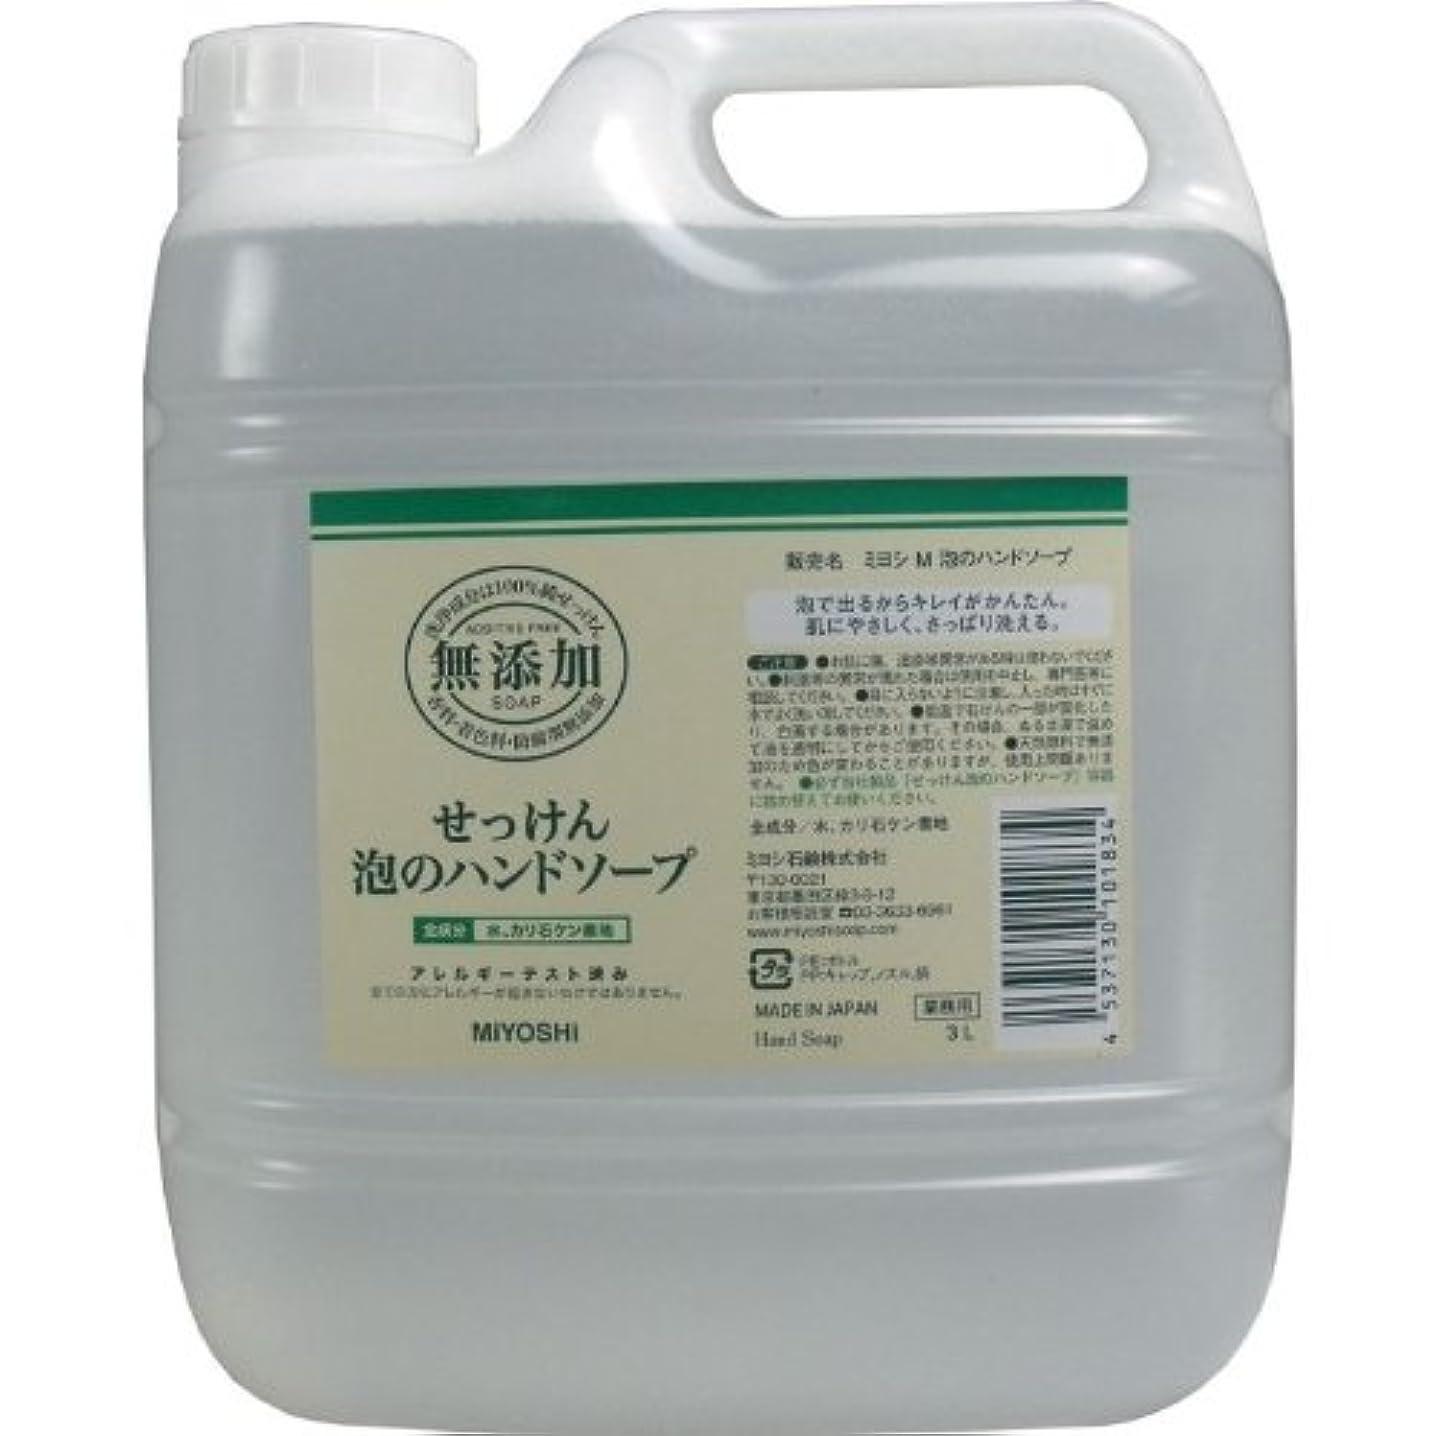 前提条件十分な緩やかな泡で出るからキレイが簡単!家事の間のサッと洗いも簡単!香料、着色料、防腐剤無添加!(業務用)3L